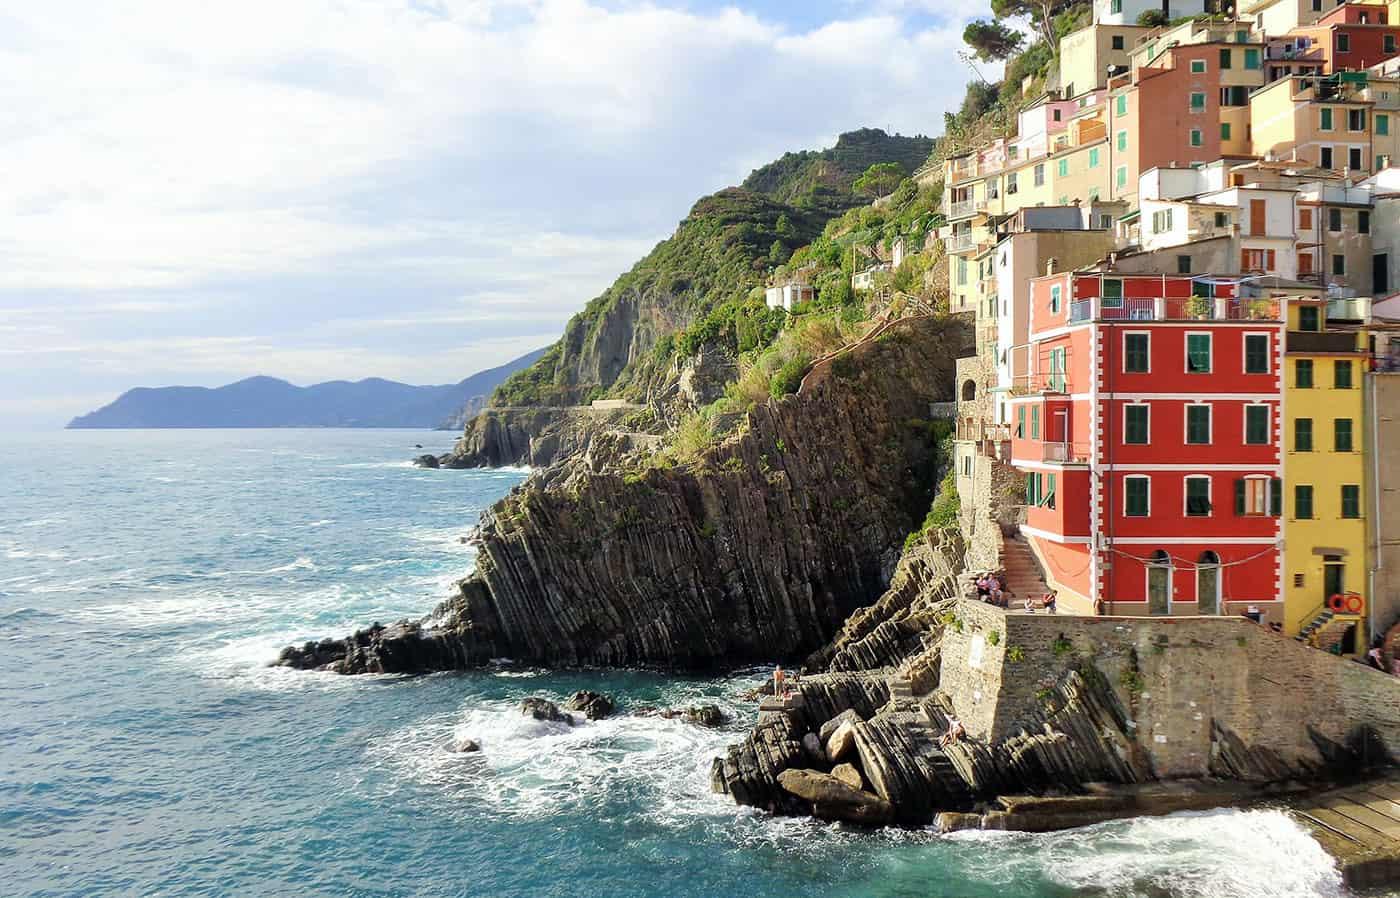 el-mejor-seguro-de-viaje-para-europa,-Schengen,-asistencia-al-viajero,-contratar-seguro-barato,-italia,-cinqueterre,-viajeydescubra